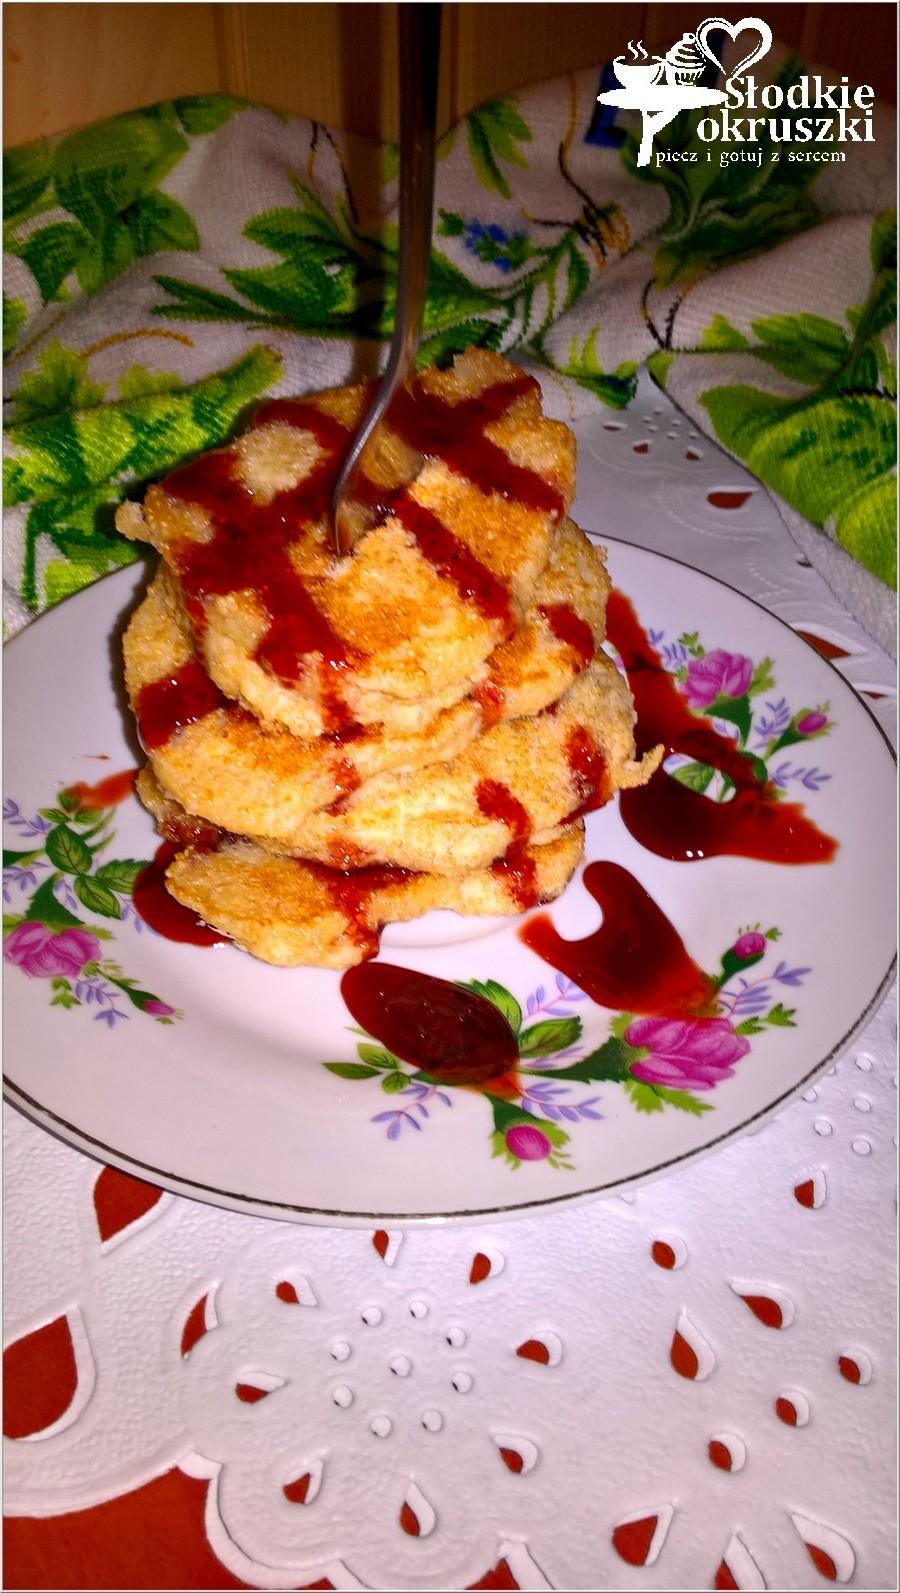 Amarantusowe placuszki z mąką ryżową i jabłkiem. Bezglutenowe śniadanie pełne zdrowia. (1)